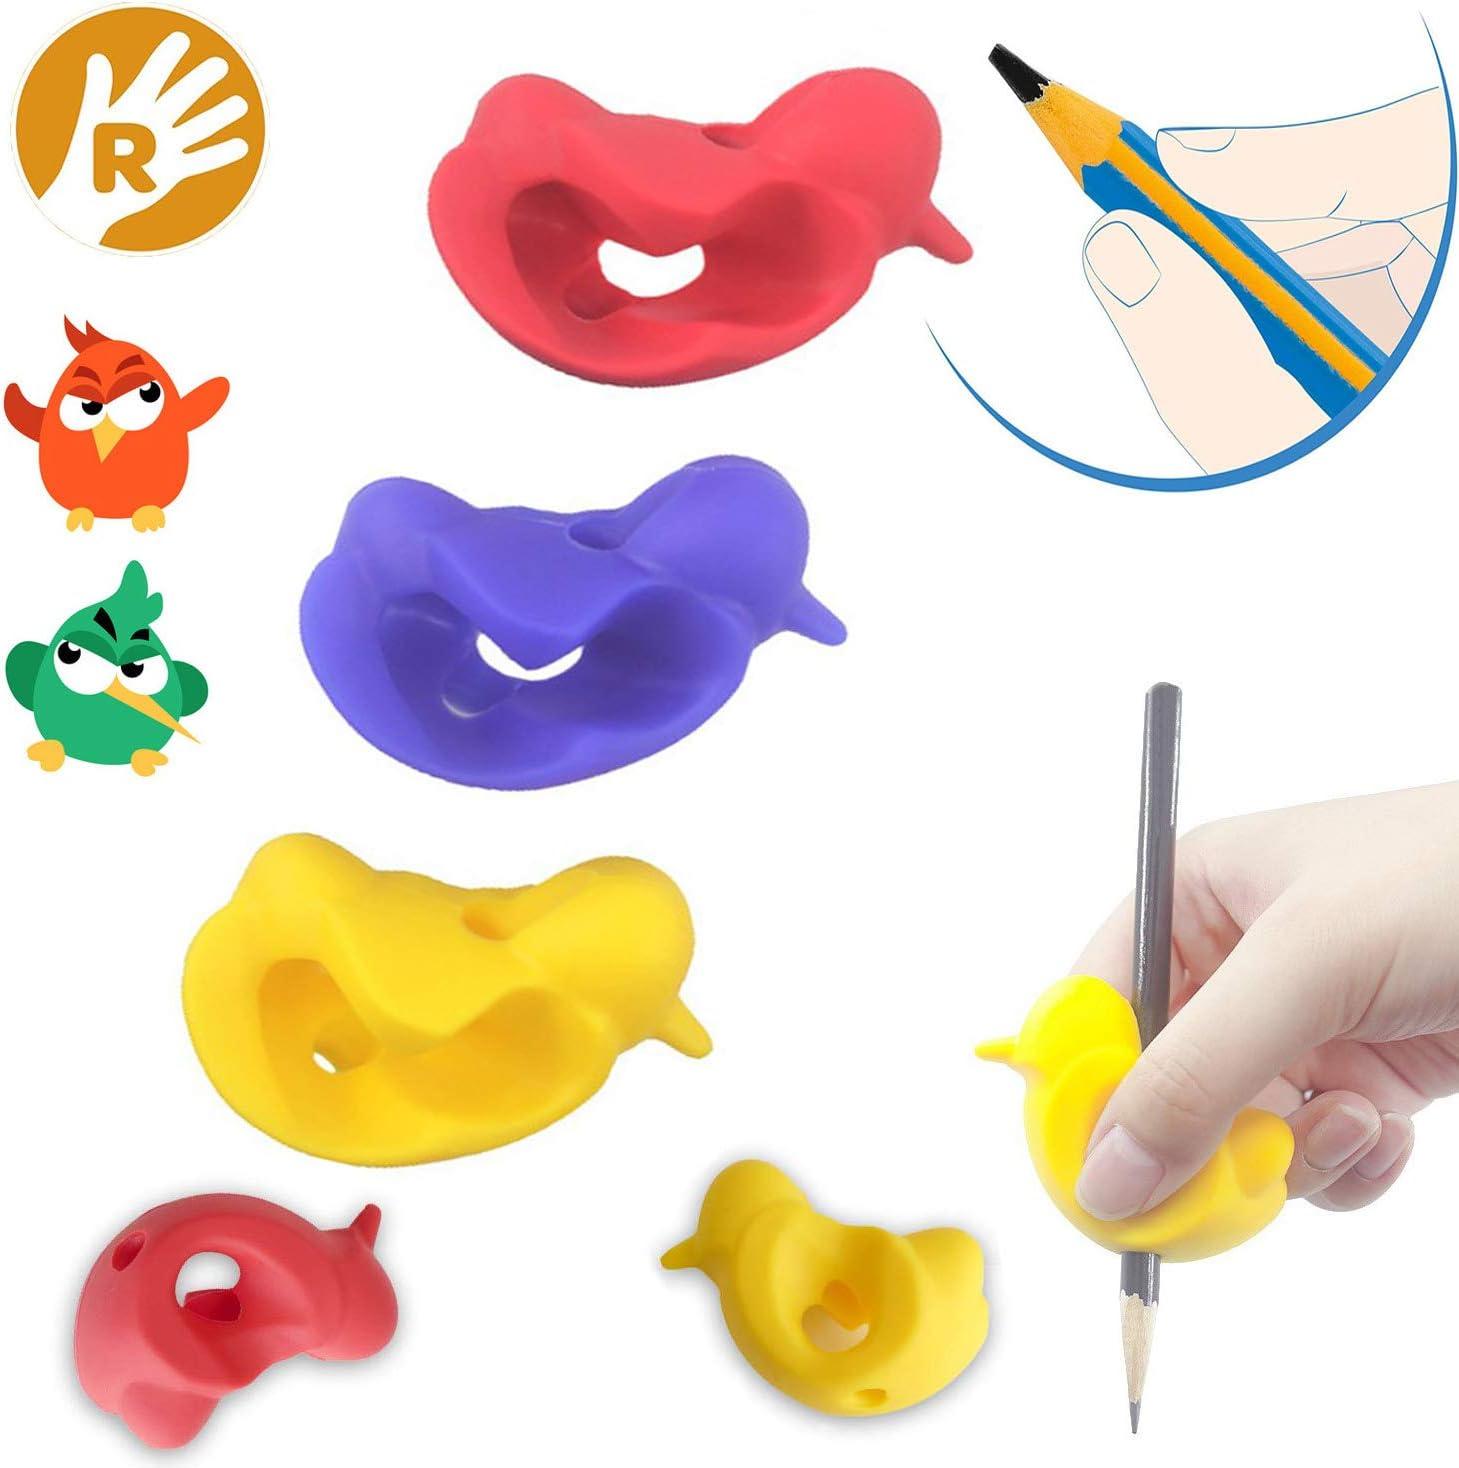 Agarre para lápices, herramienta correctora de postura para niños, ayuda a escribir lápices, diseño original 3D con forma de pájaro, paquete de 3